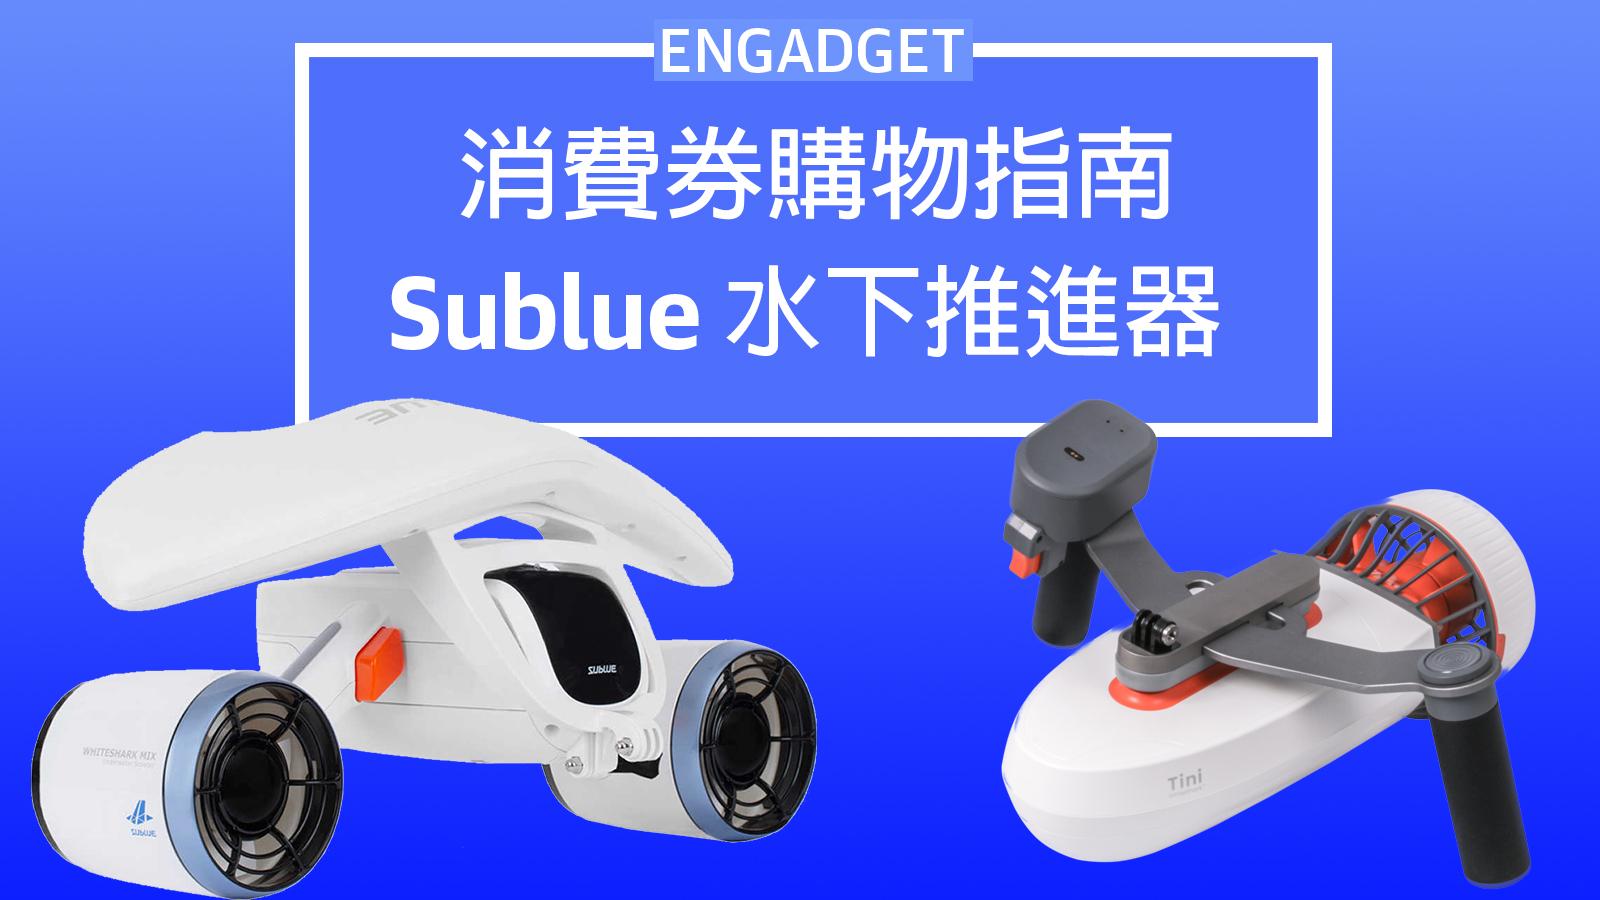 消費券購物指南:夏日玩水必備 Sublue 水下助推器